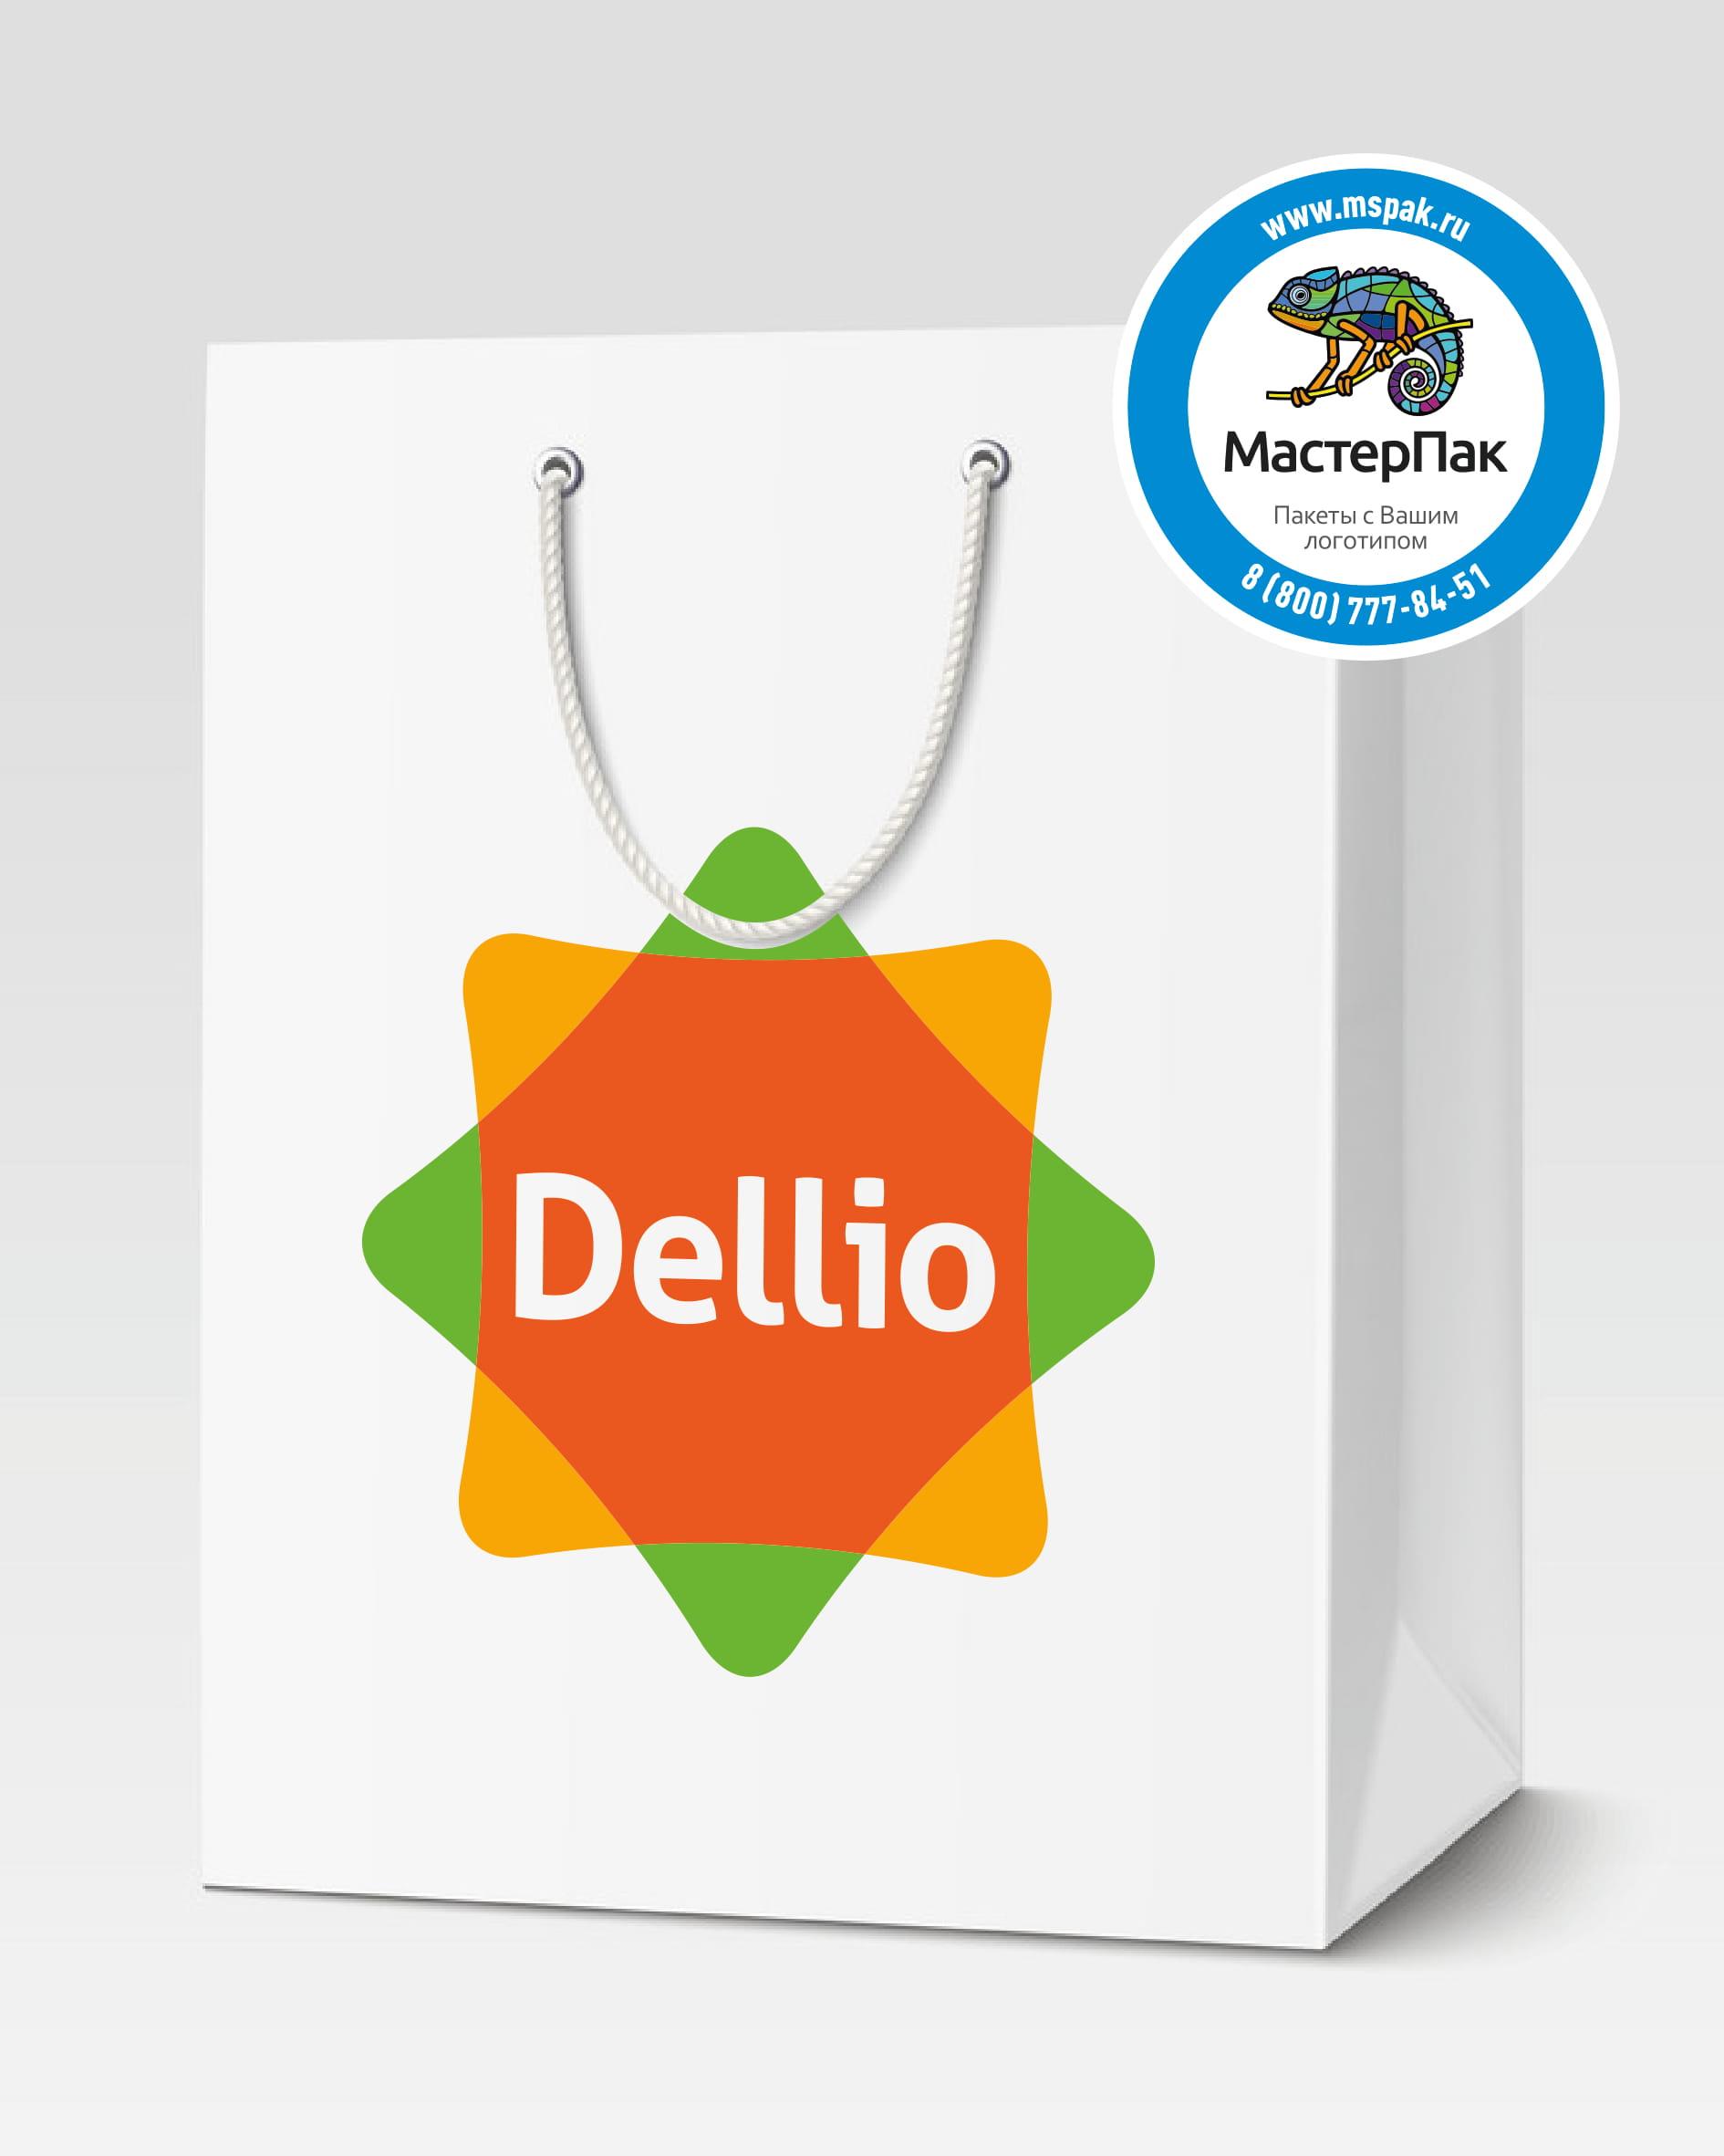 Пакет подарочный, бумажный с логотипом Dellio, Москва, 30*40, люверсы